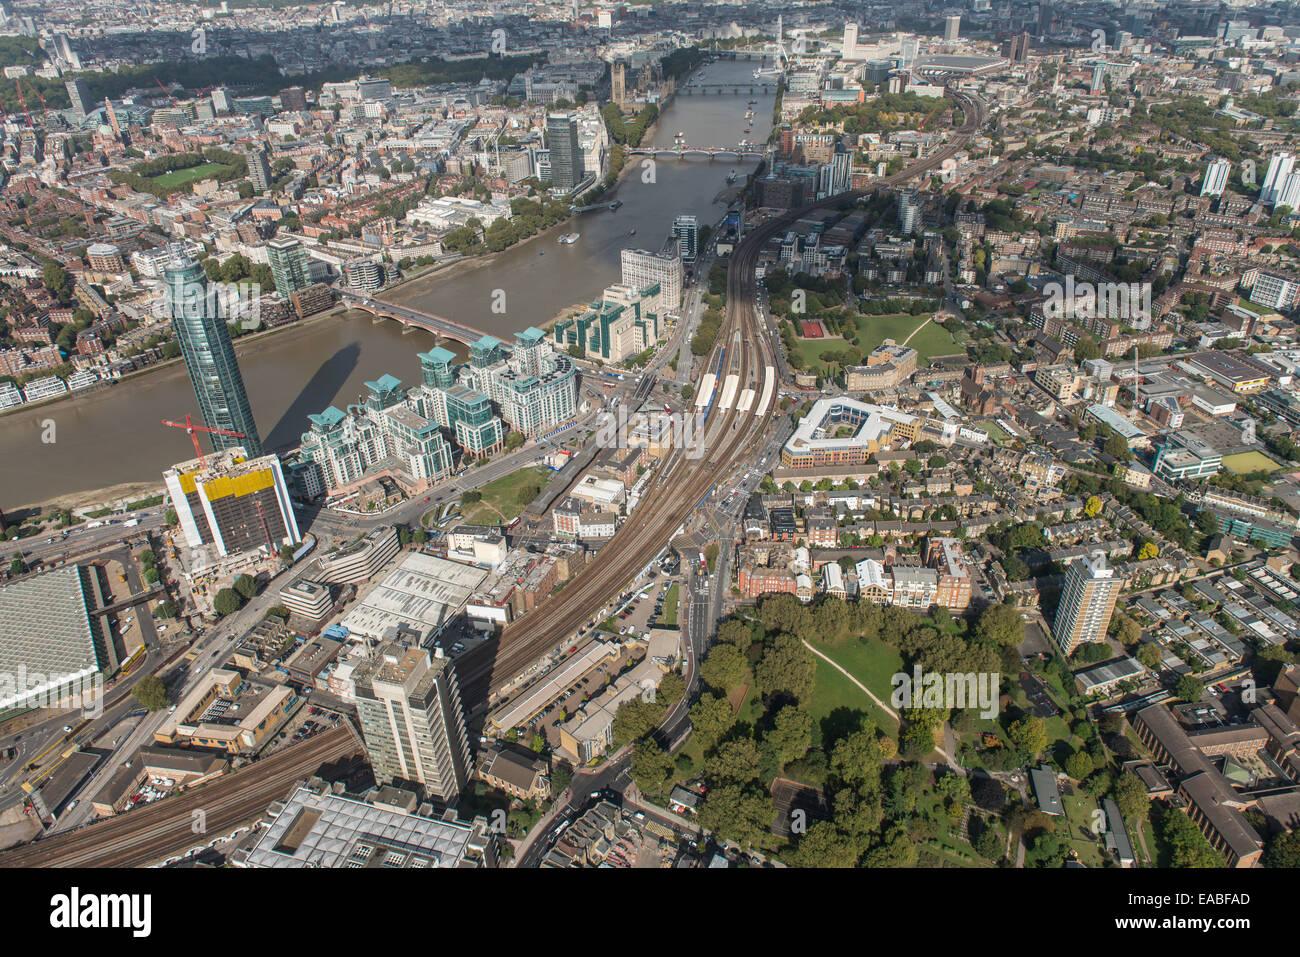 Eine Luftaufnahme von Nine Elms in London mit Blick auf Vauxhall Bridge gegenüber der Houses of Parliament Stockfoto